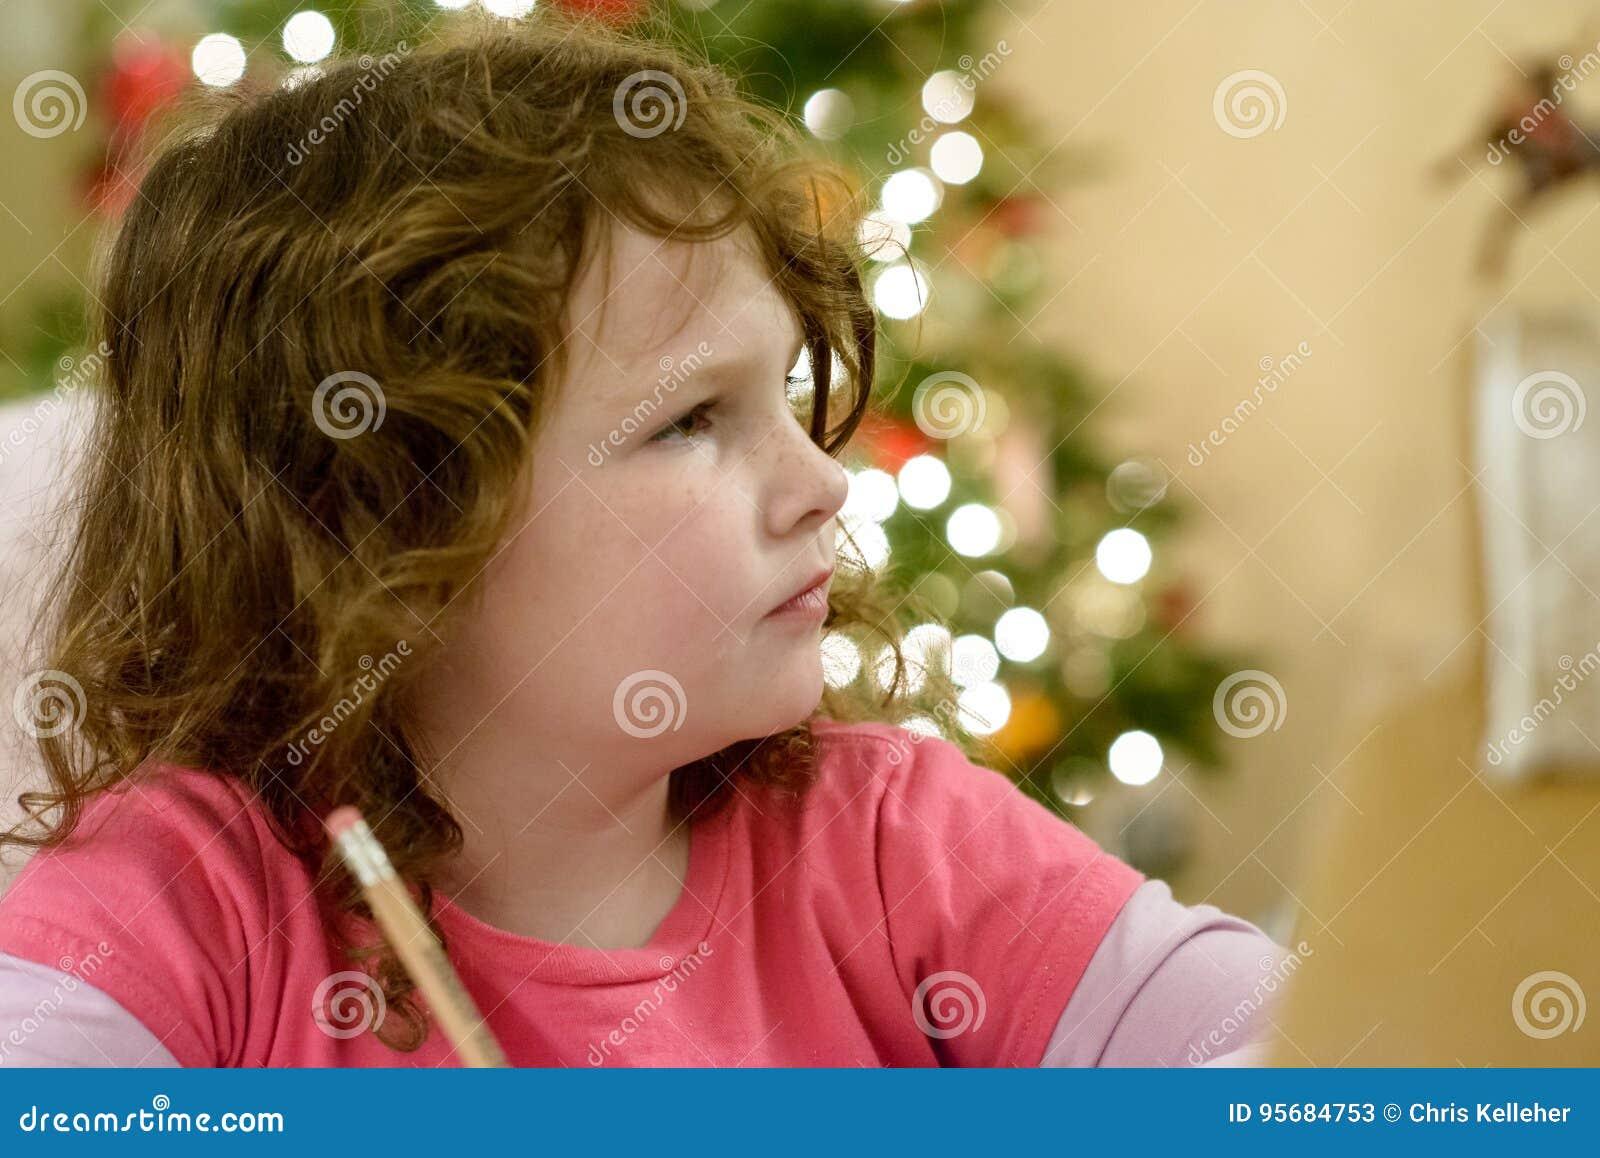 逗人喜爱的小孩女孩给圣诞老人写信在圣诞树附近户内